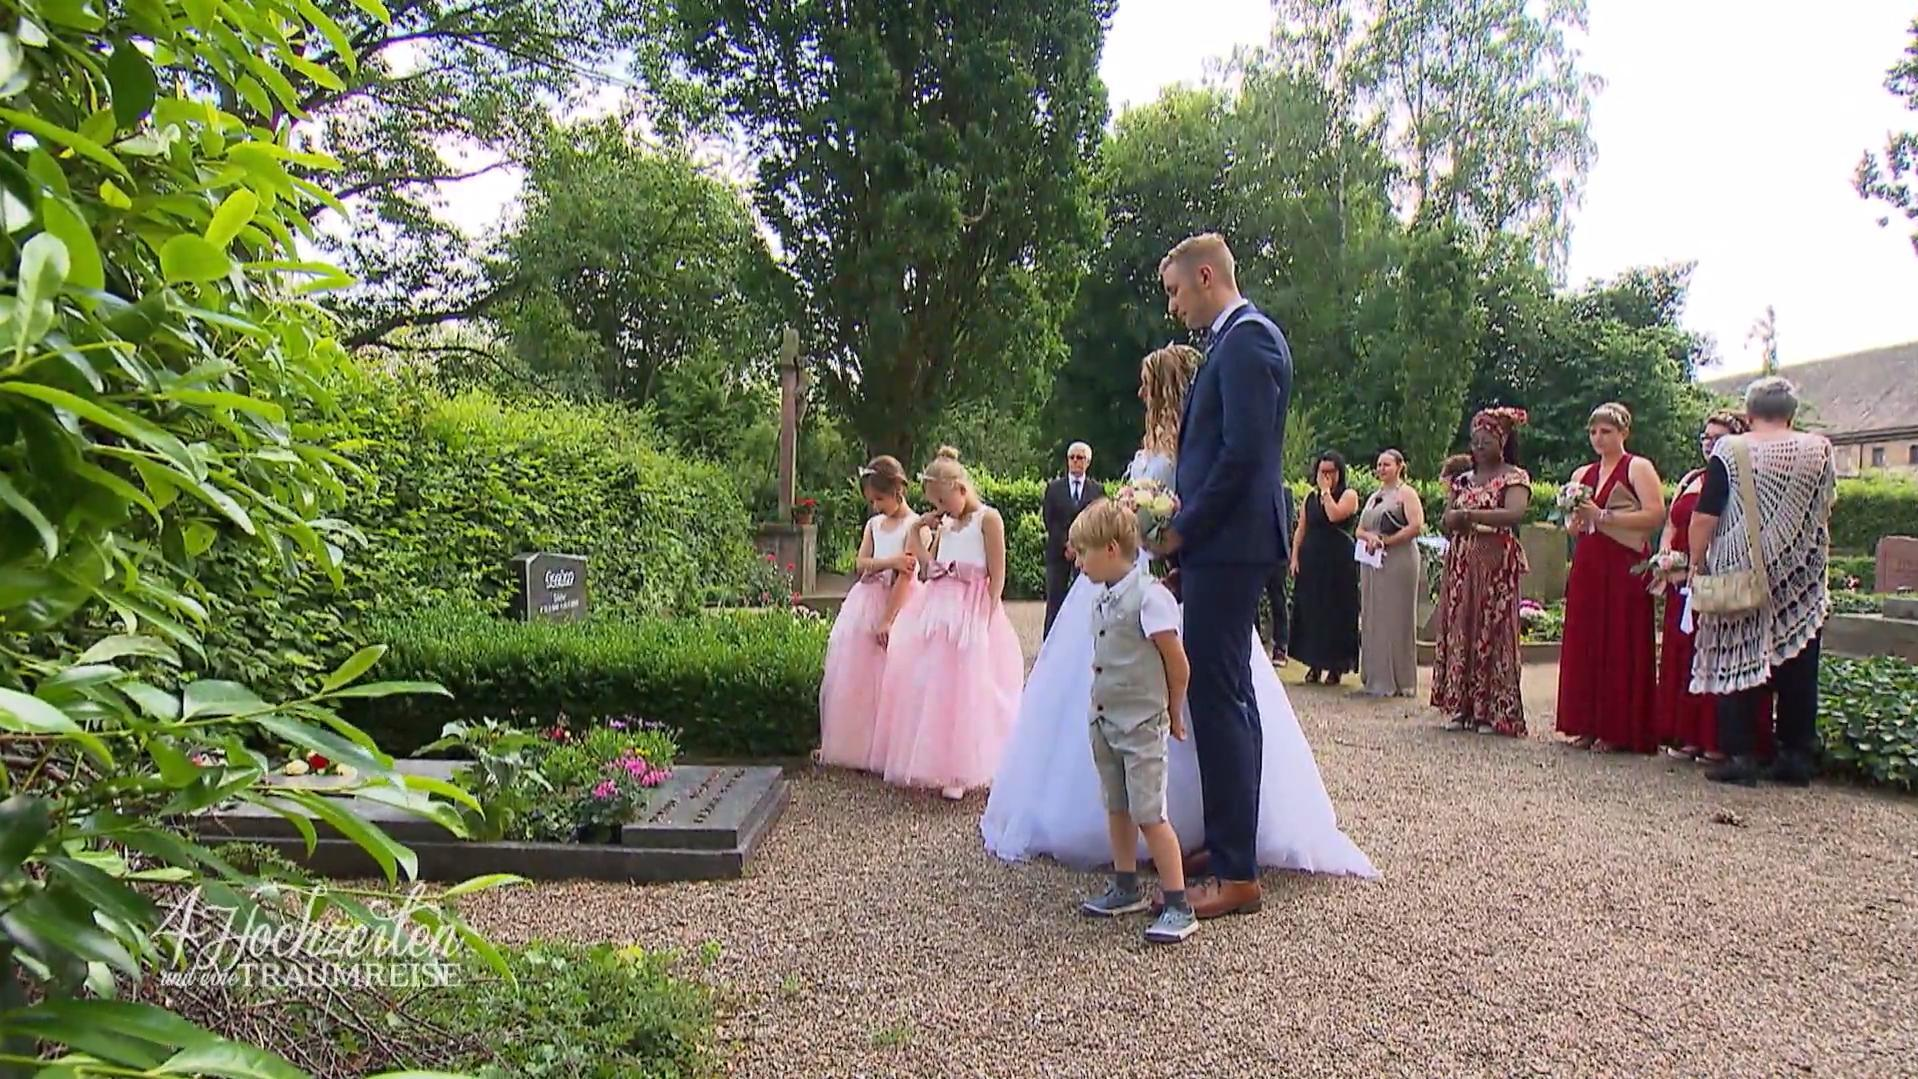 4 Hochzeiten Und Eine Traumreise Braut Trauert Am Grab